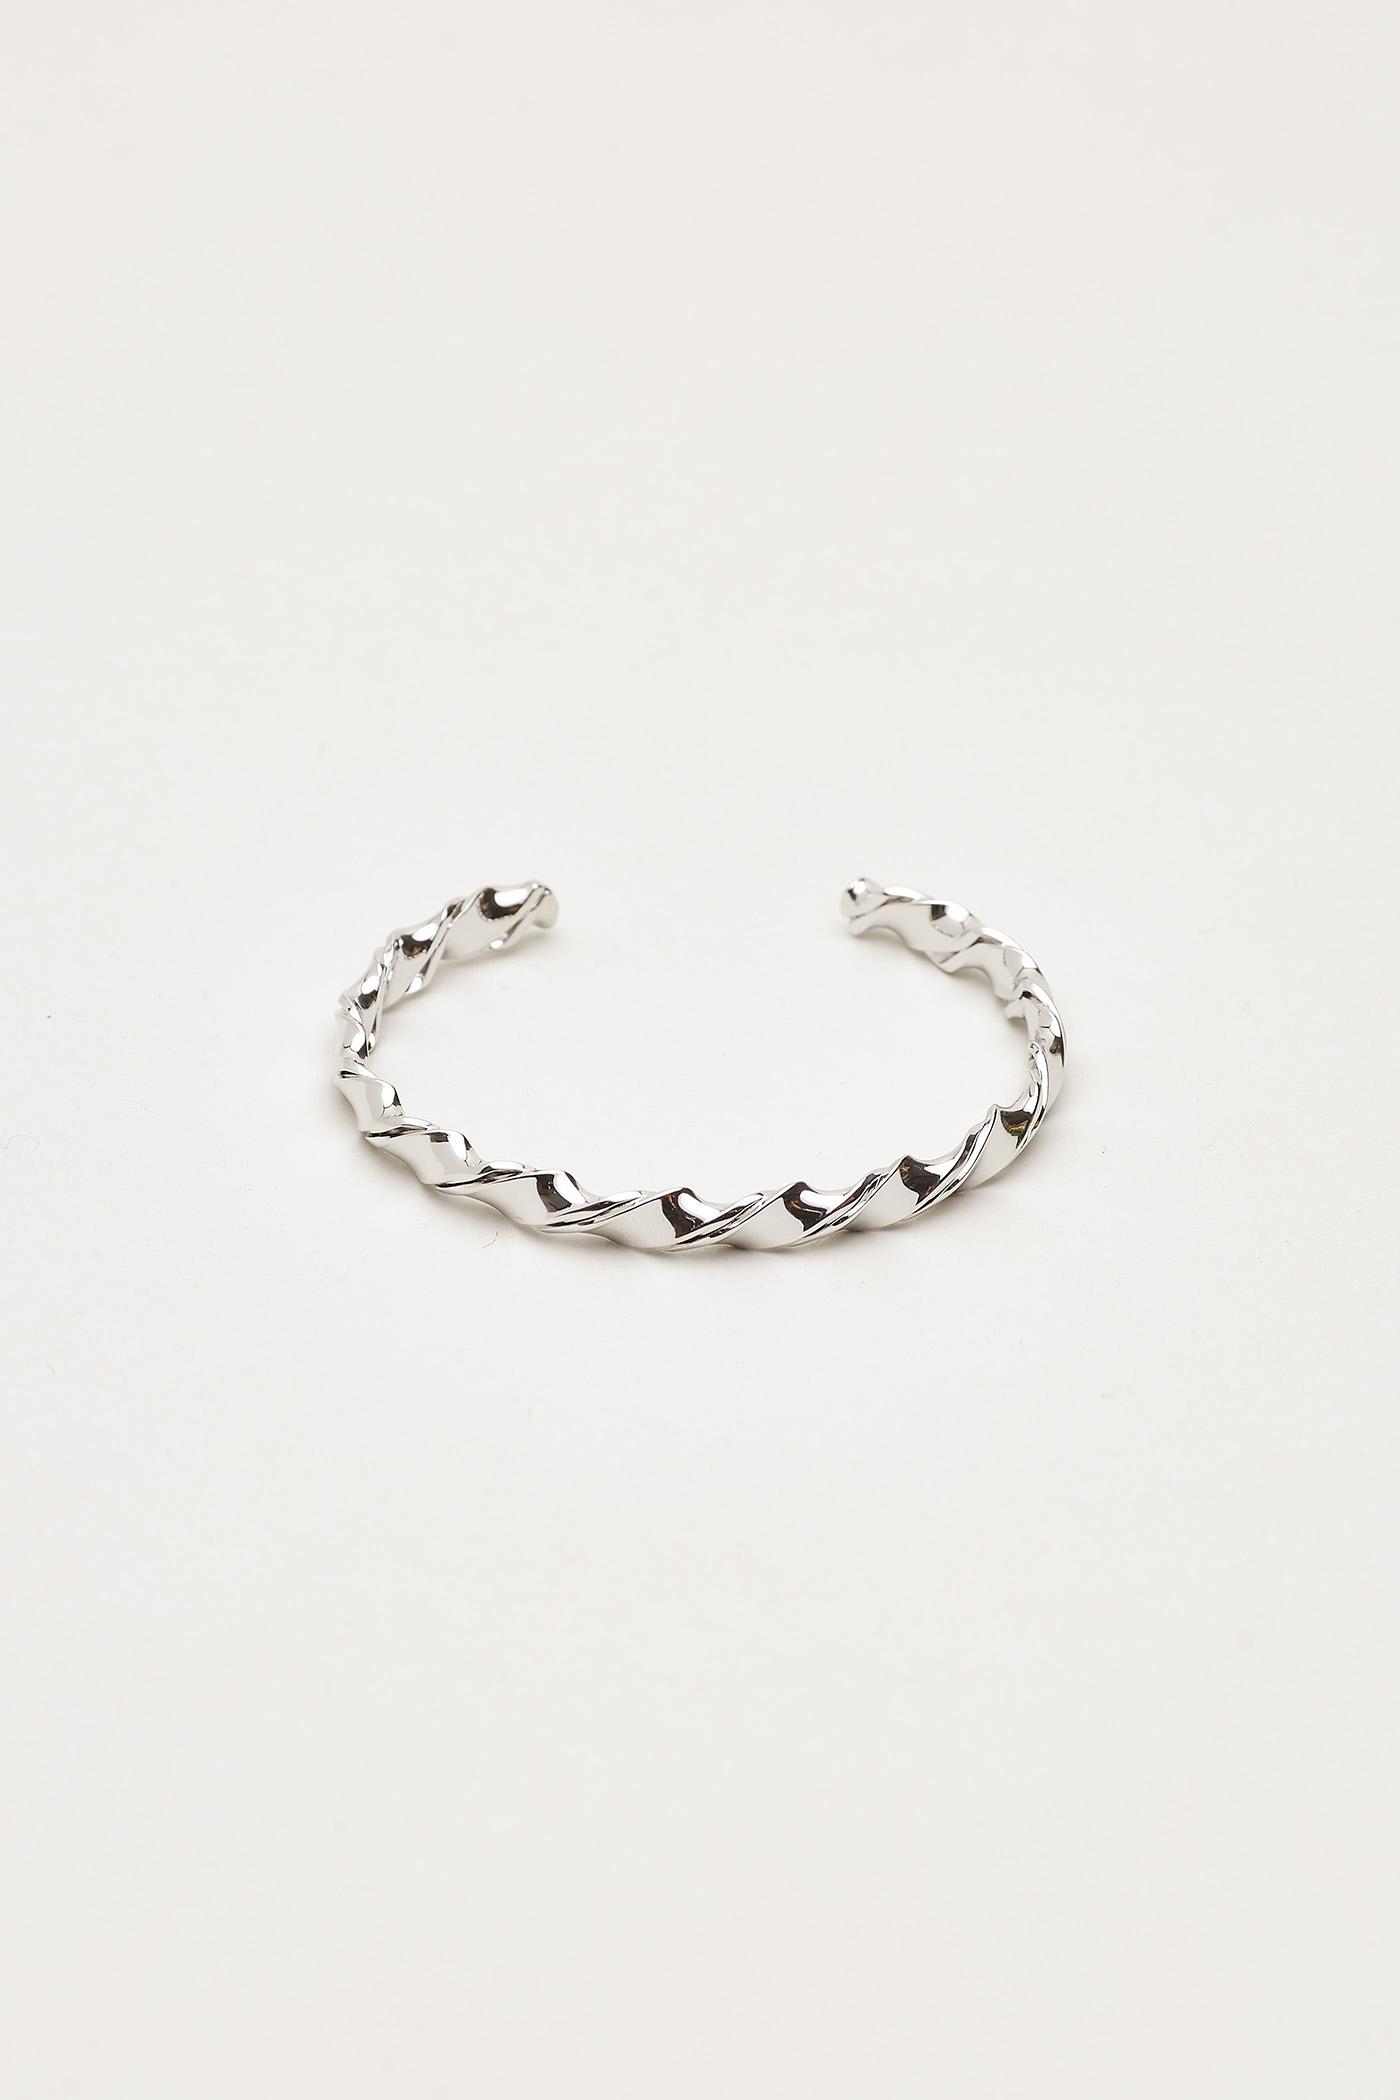 Preeda Spiral Cuff Bracelet